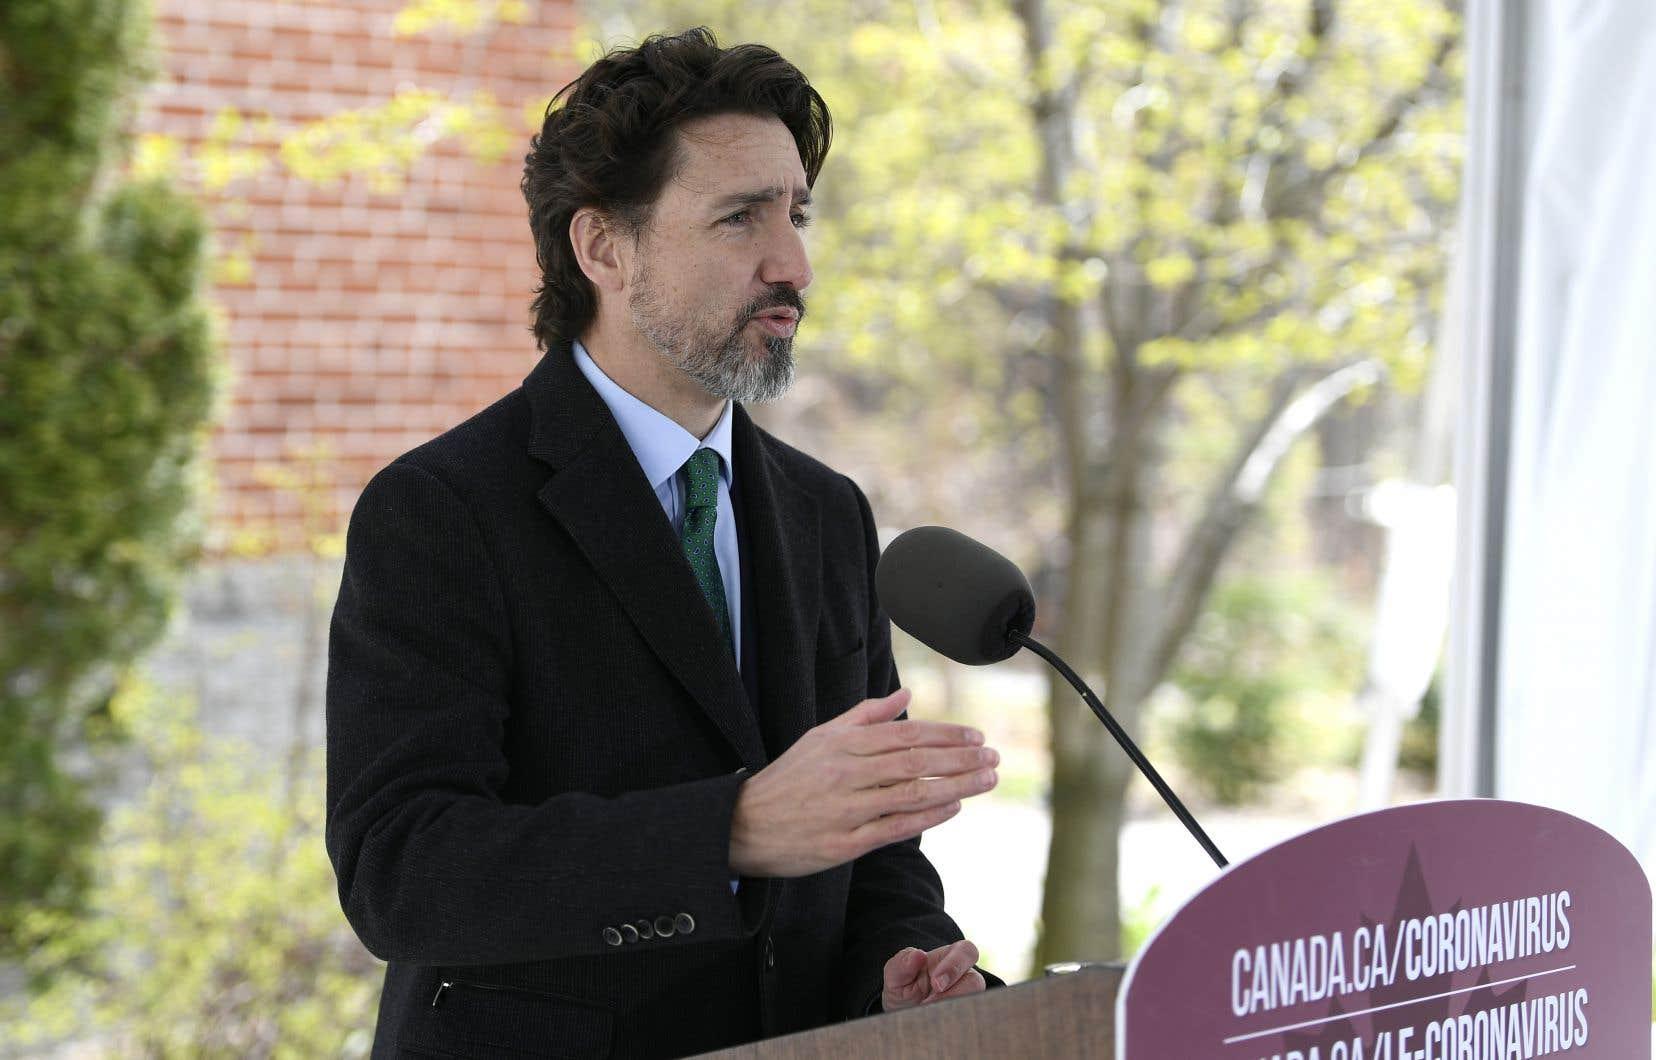 Le réseau d'accueil des personnes âgées doit être repensé, a affirmé Justin Trudeau.